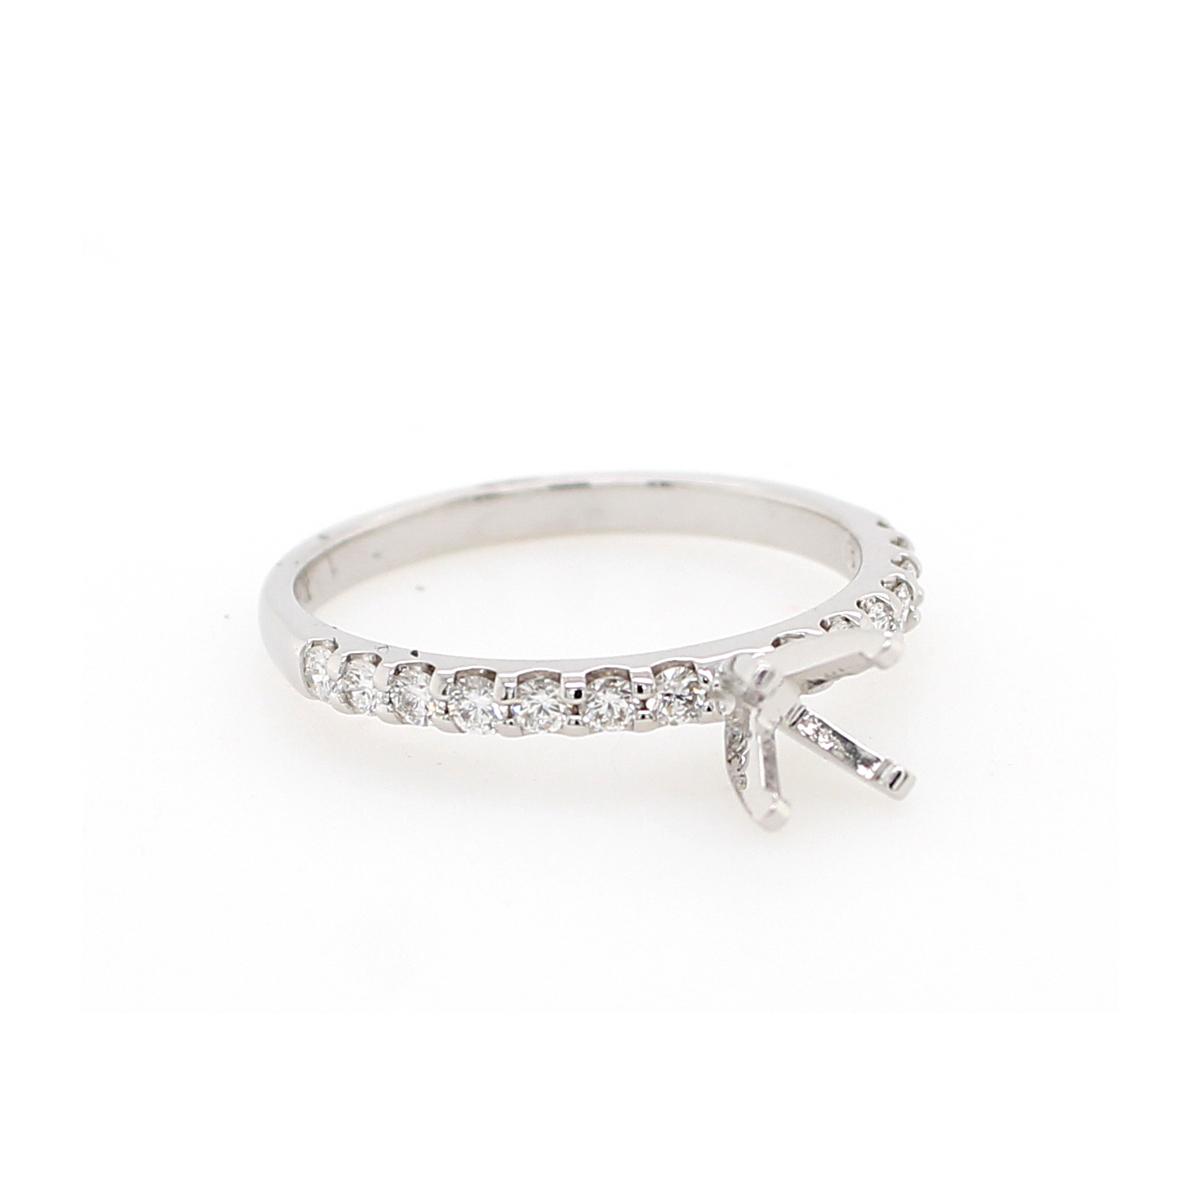 14 Karat White Gold .33 Carat Diamond Semi-Mount Engagement Ring